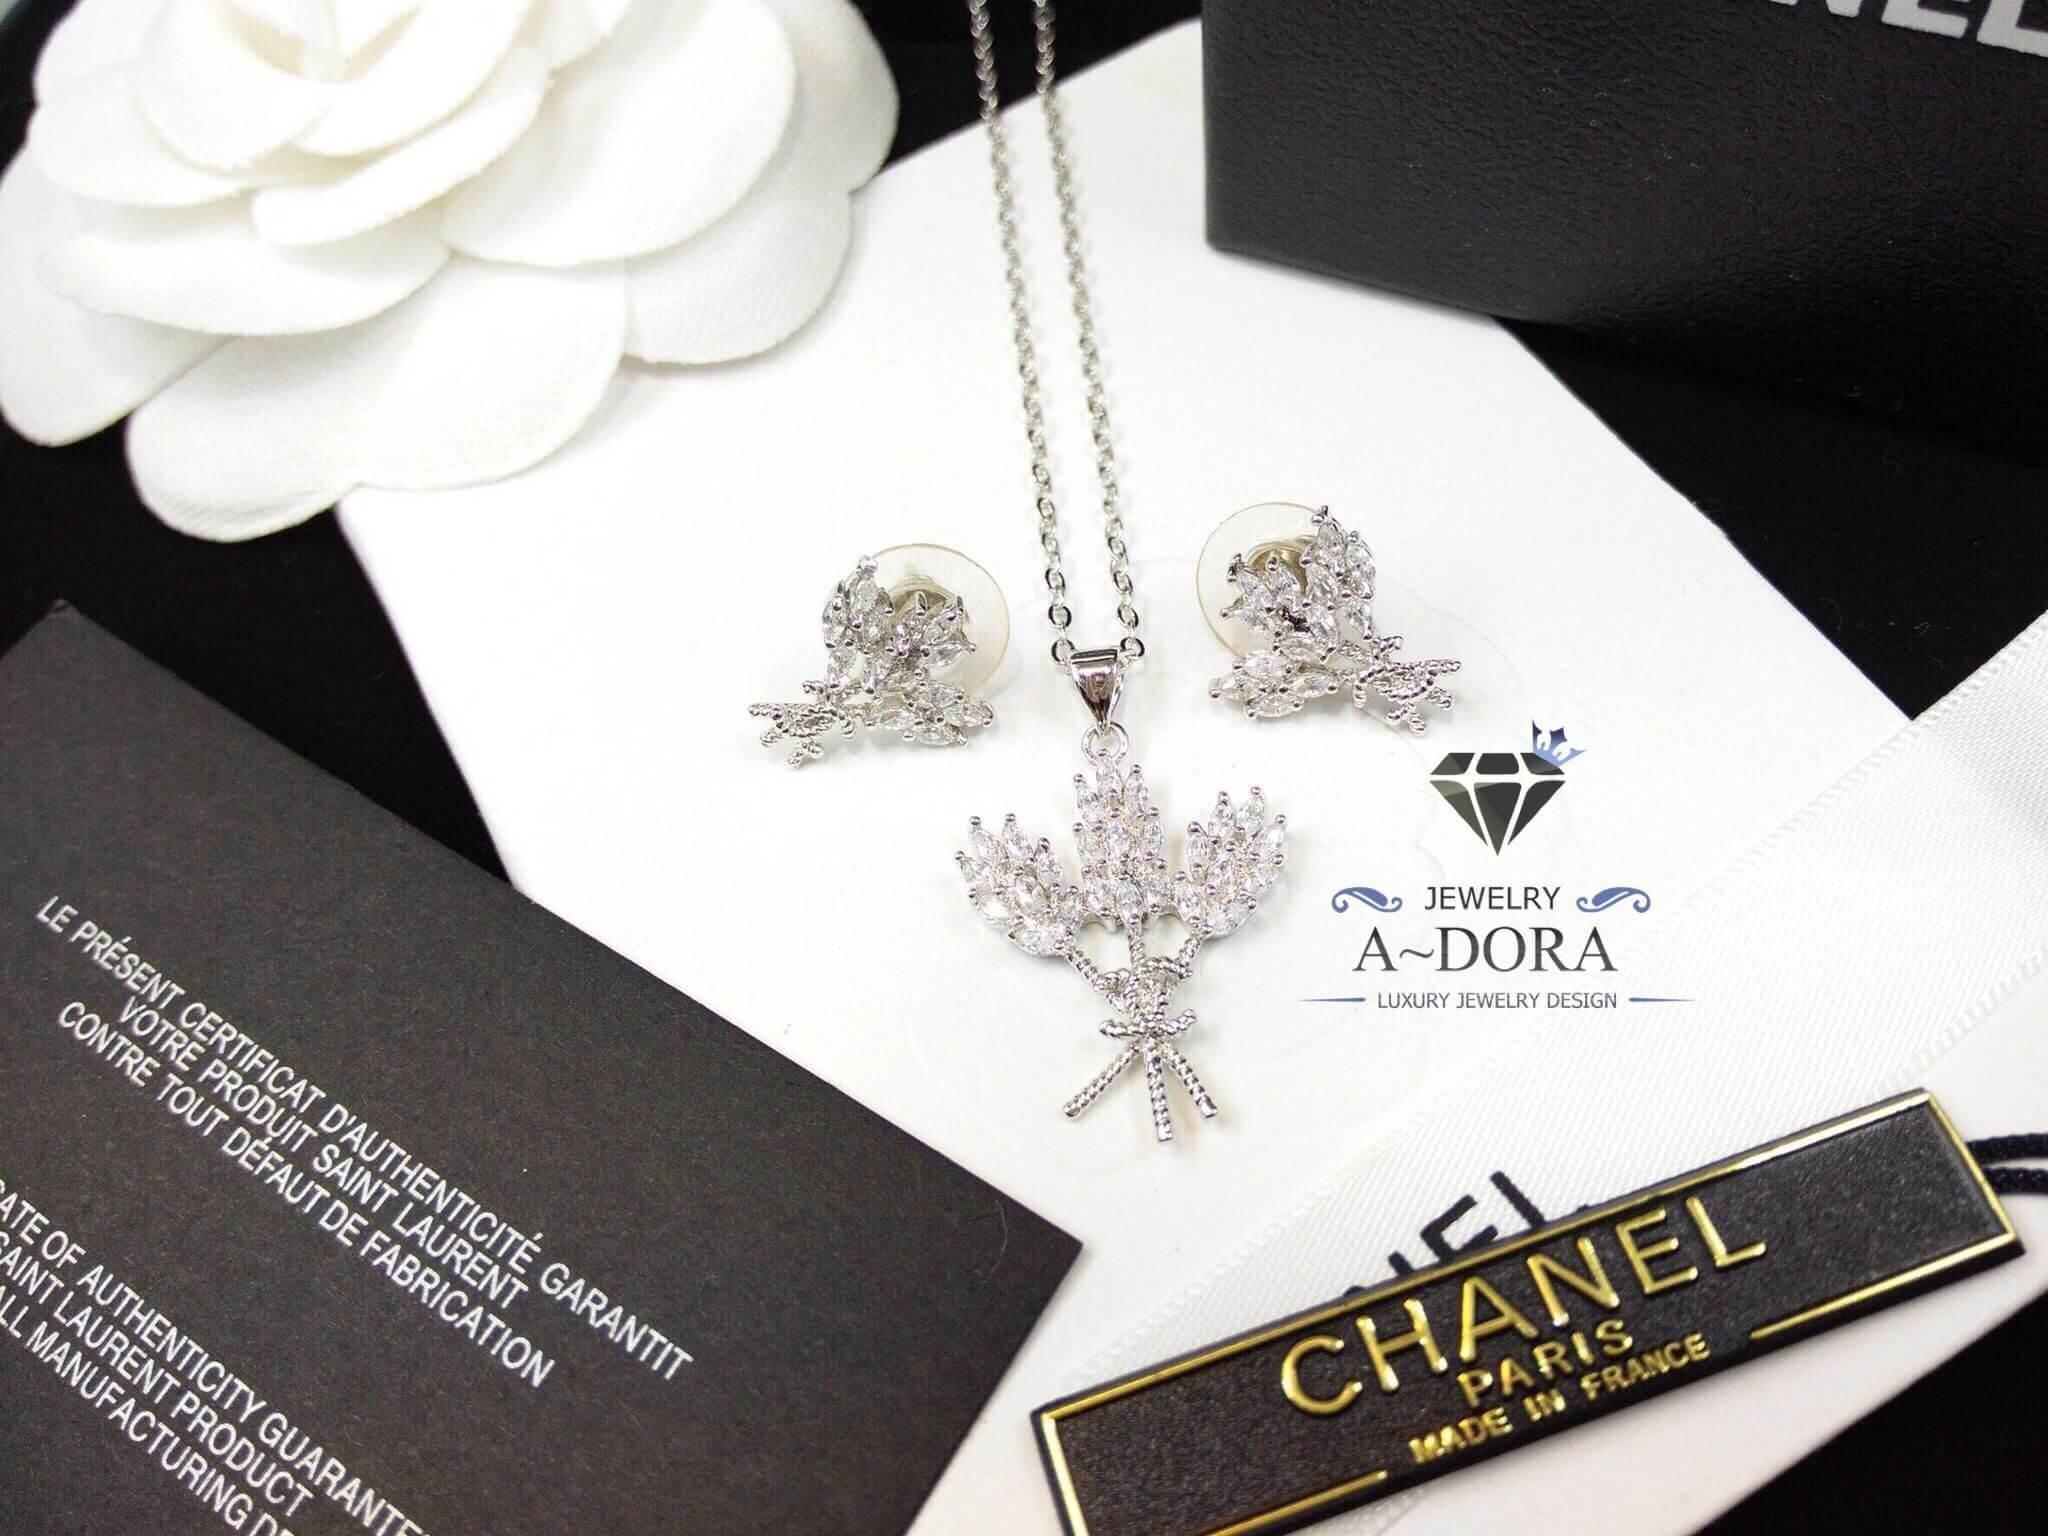 พร้อมส่ง ~ เซ็ทต่างหู & สร้อย Chanel ดีไซด์ทรงรวงข้าว